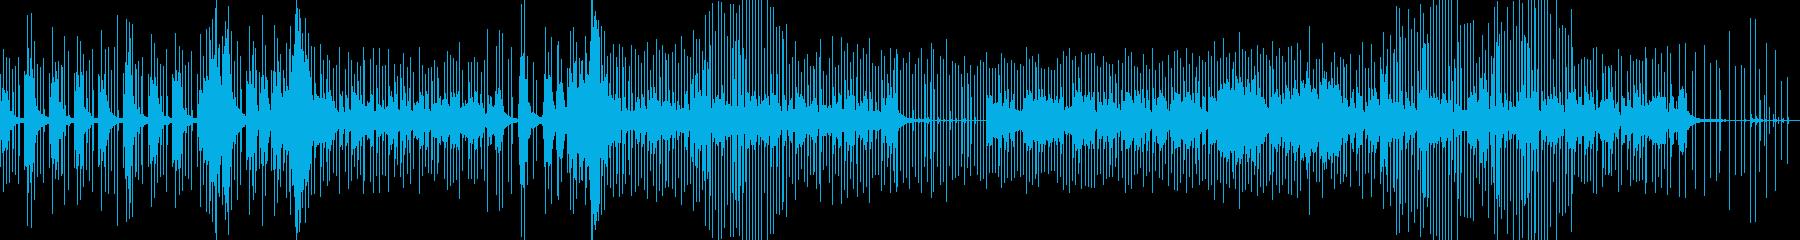 トリップホップ、エレクトロニカの再生済みの波形